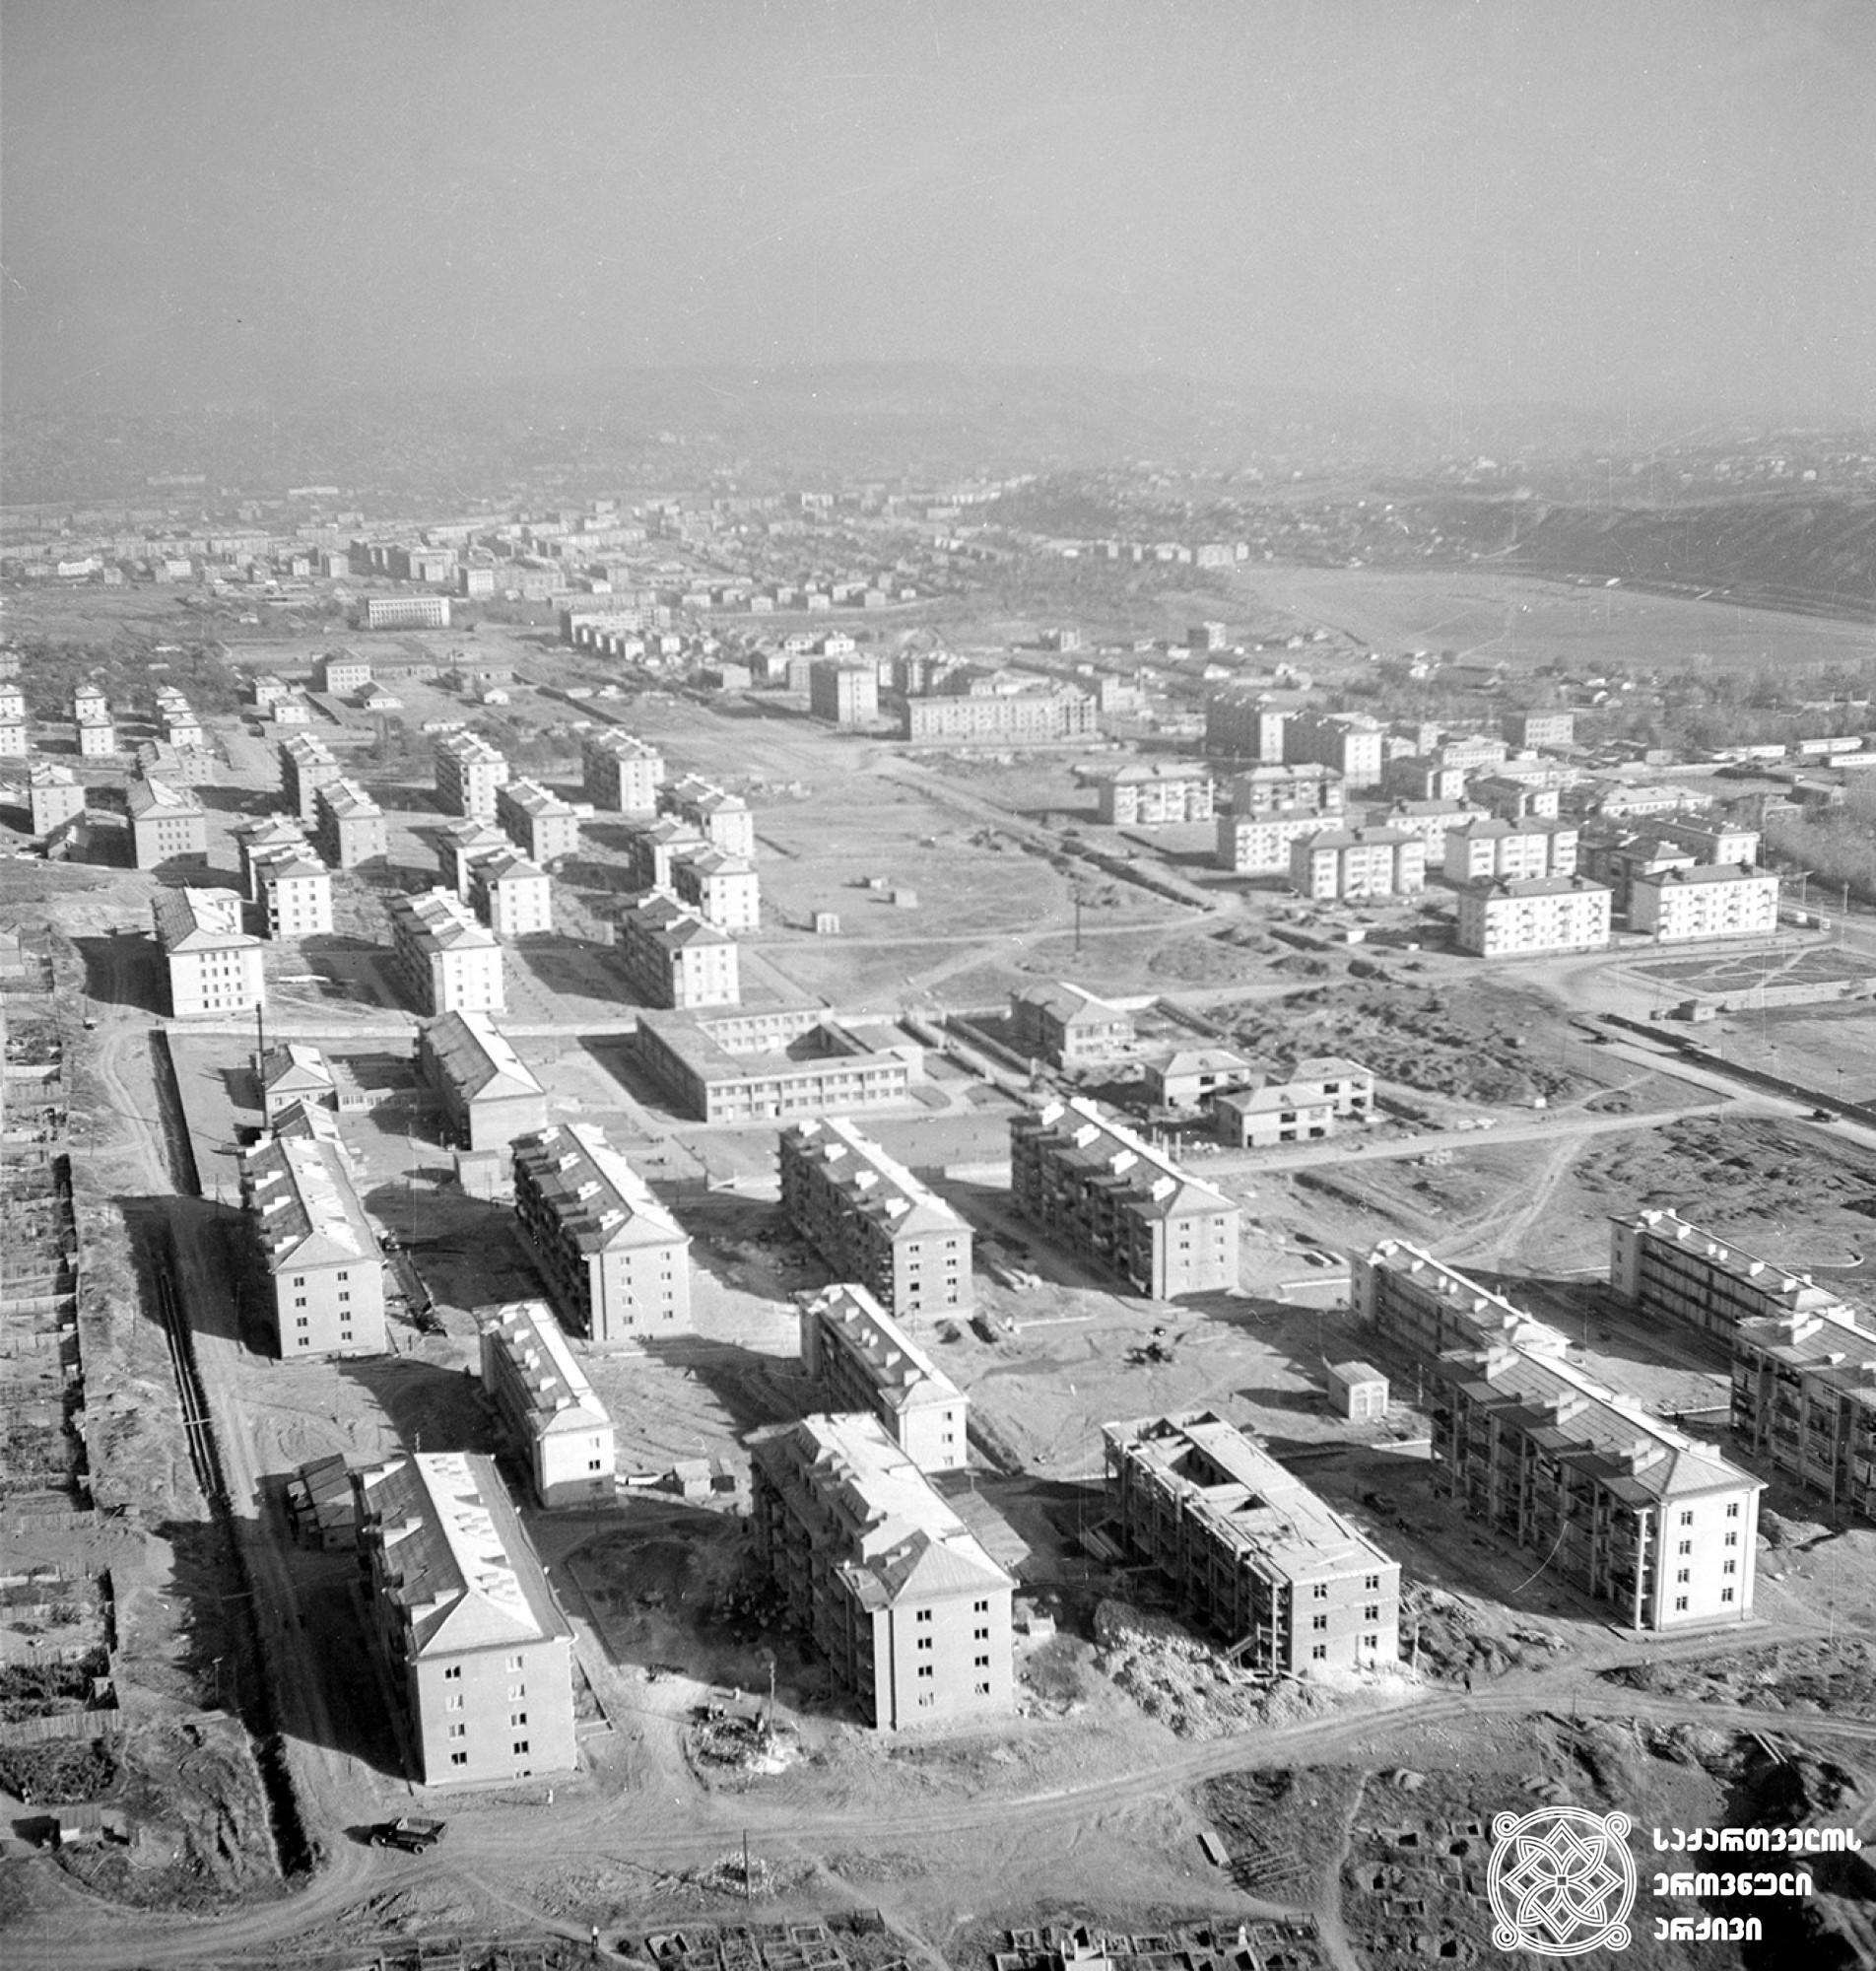 საბურთალოს საცხოვრებელი მასივის საერთო ხედი. თბილისი. <br>ფოტო: გივი კიკვაძე. <br>1964 <br> General View of Saburtalo Housing. Tbilisi. <br> Photo by Givi Kikvadze. <br> 1964